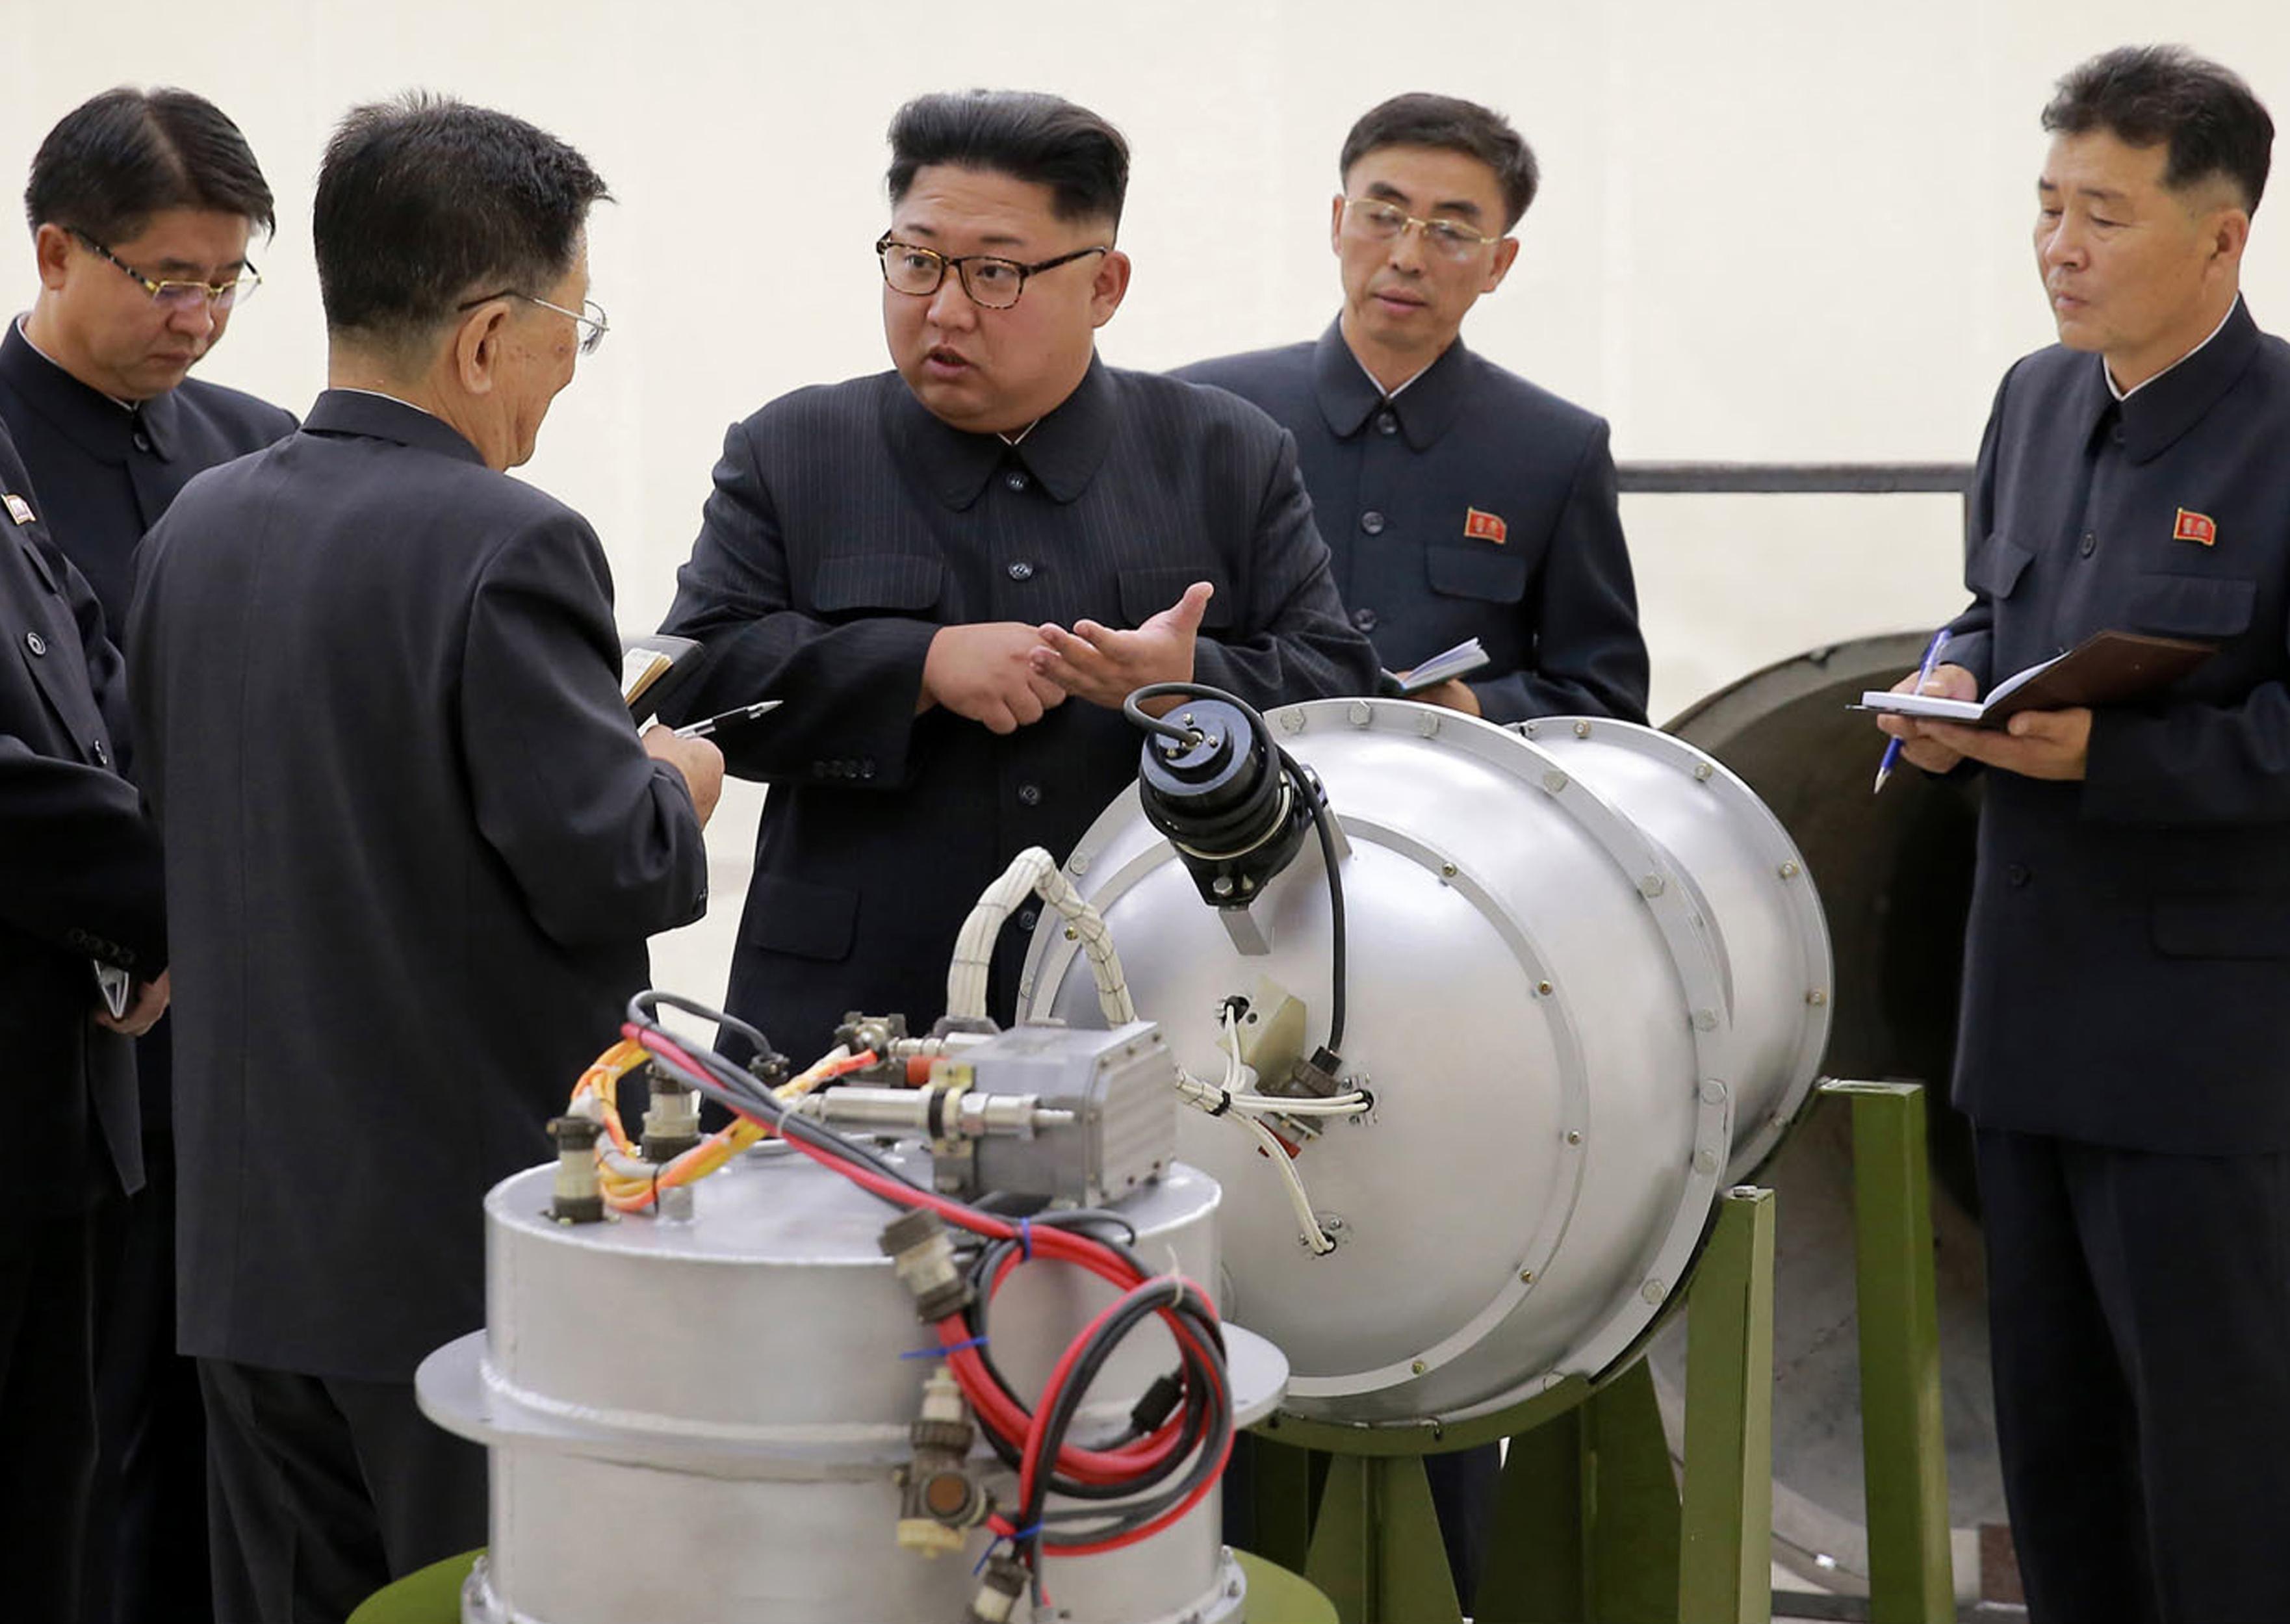 北韓官方3日公布的照片顯示北韓領導人金正恩在未公開的地點檢視武器。傳研判北韓可能具備氫彈製造能力。(美聯社)